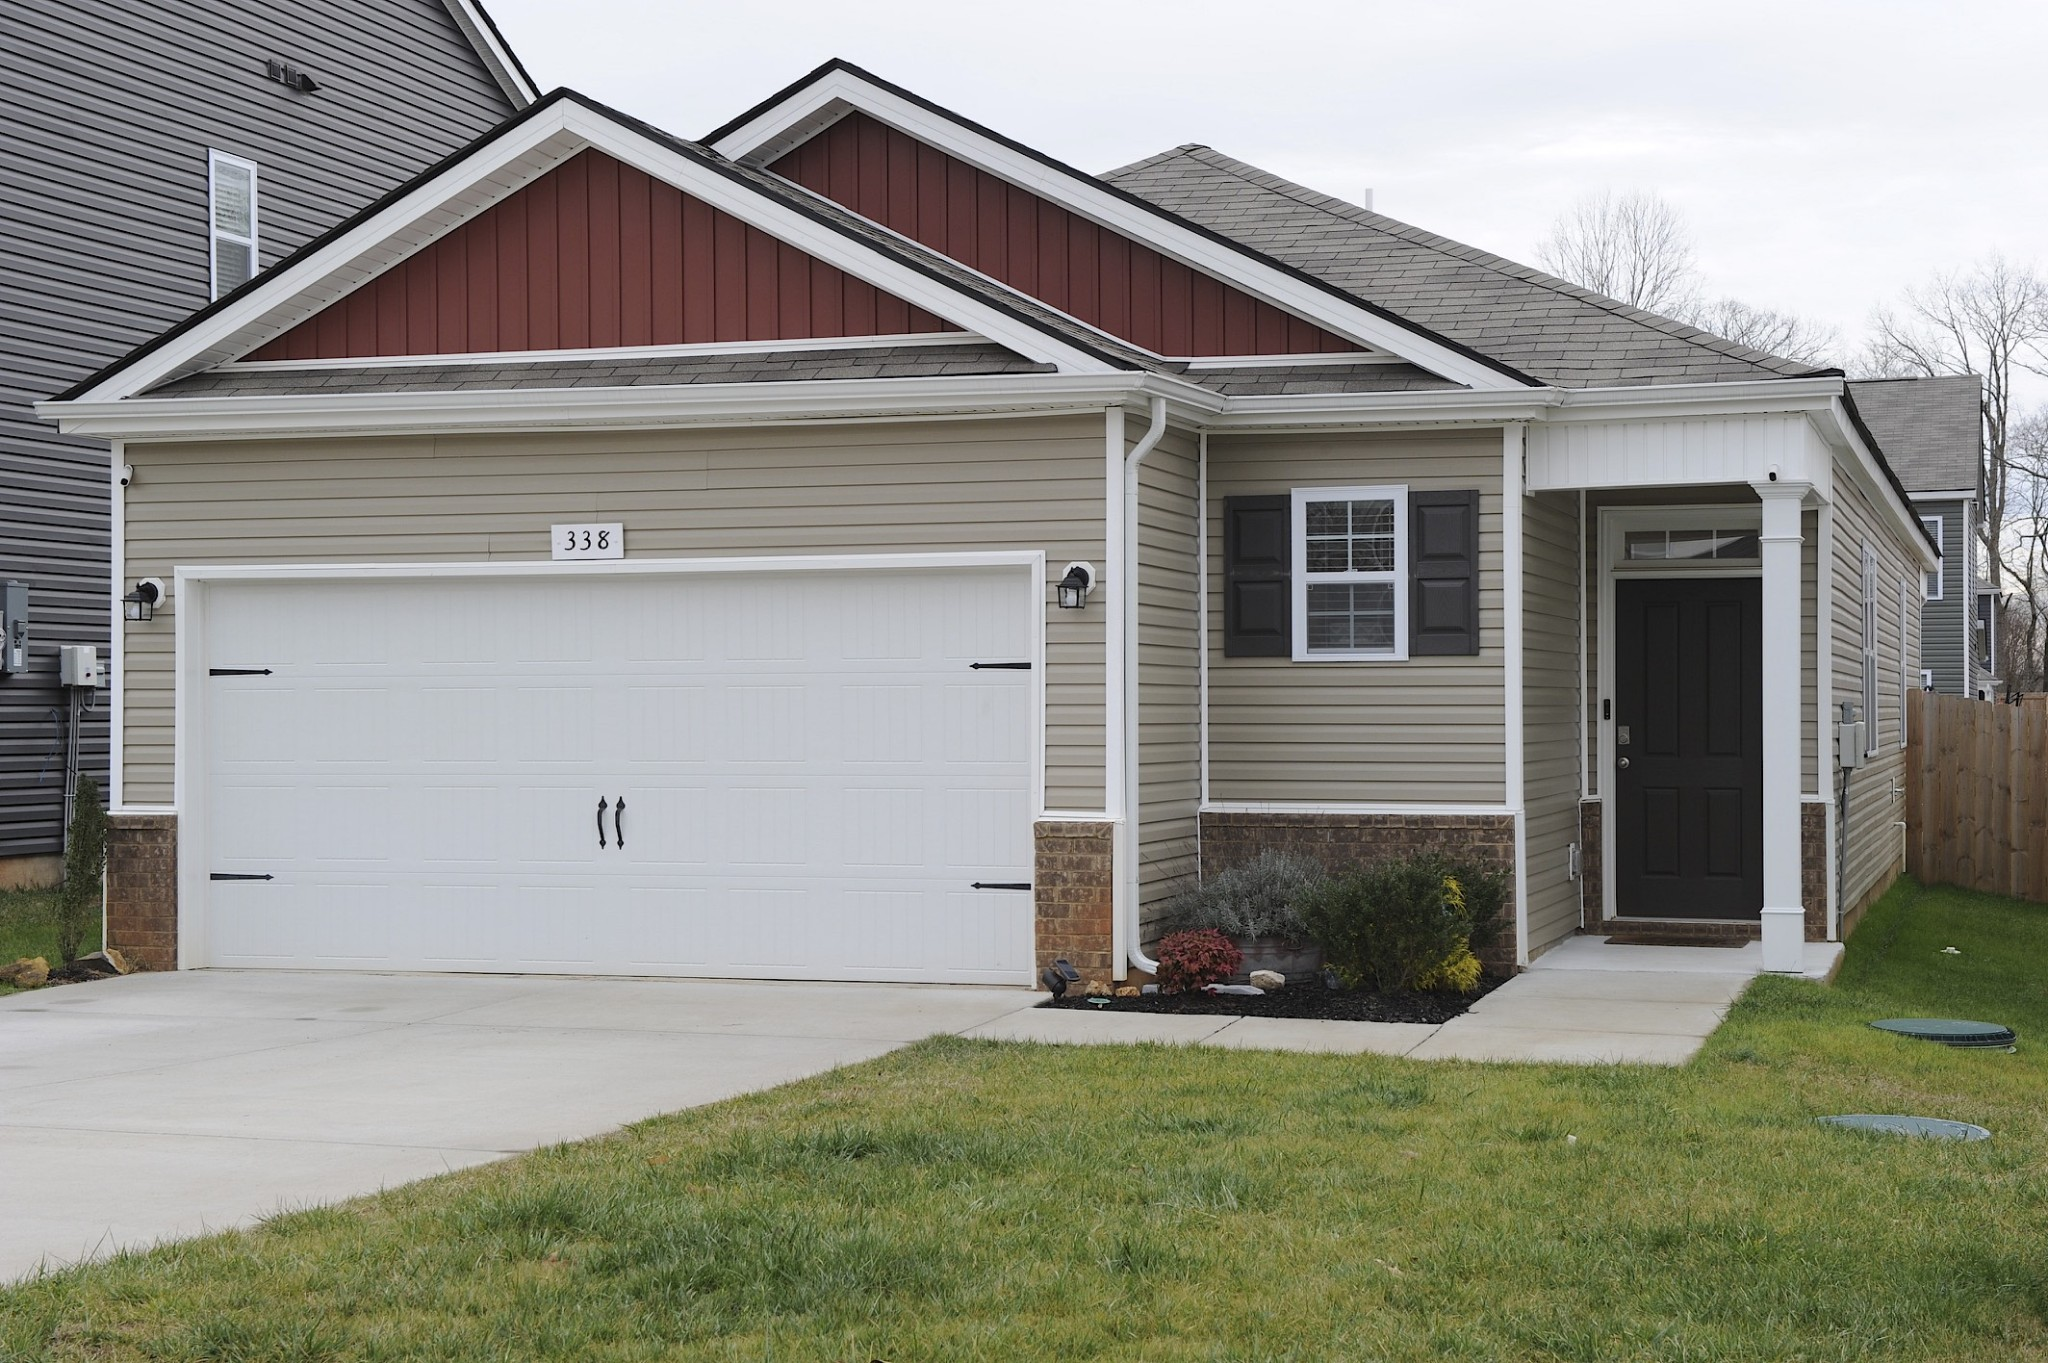 Homes for Sale in Sugar Subdivision Ashland City TN